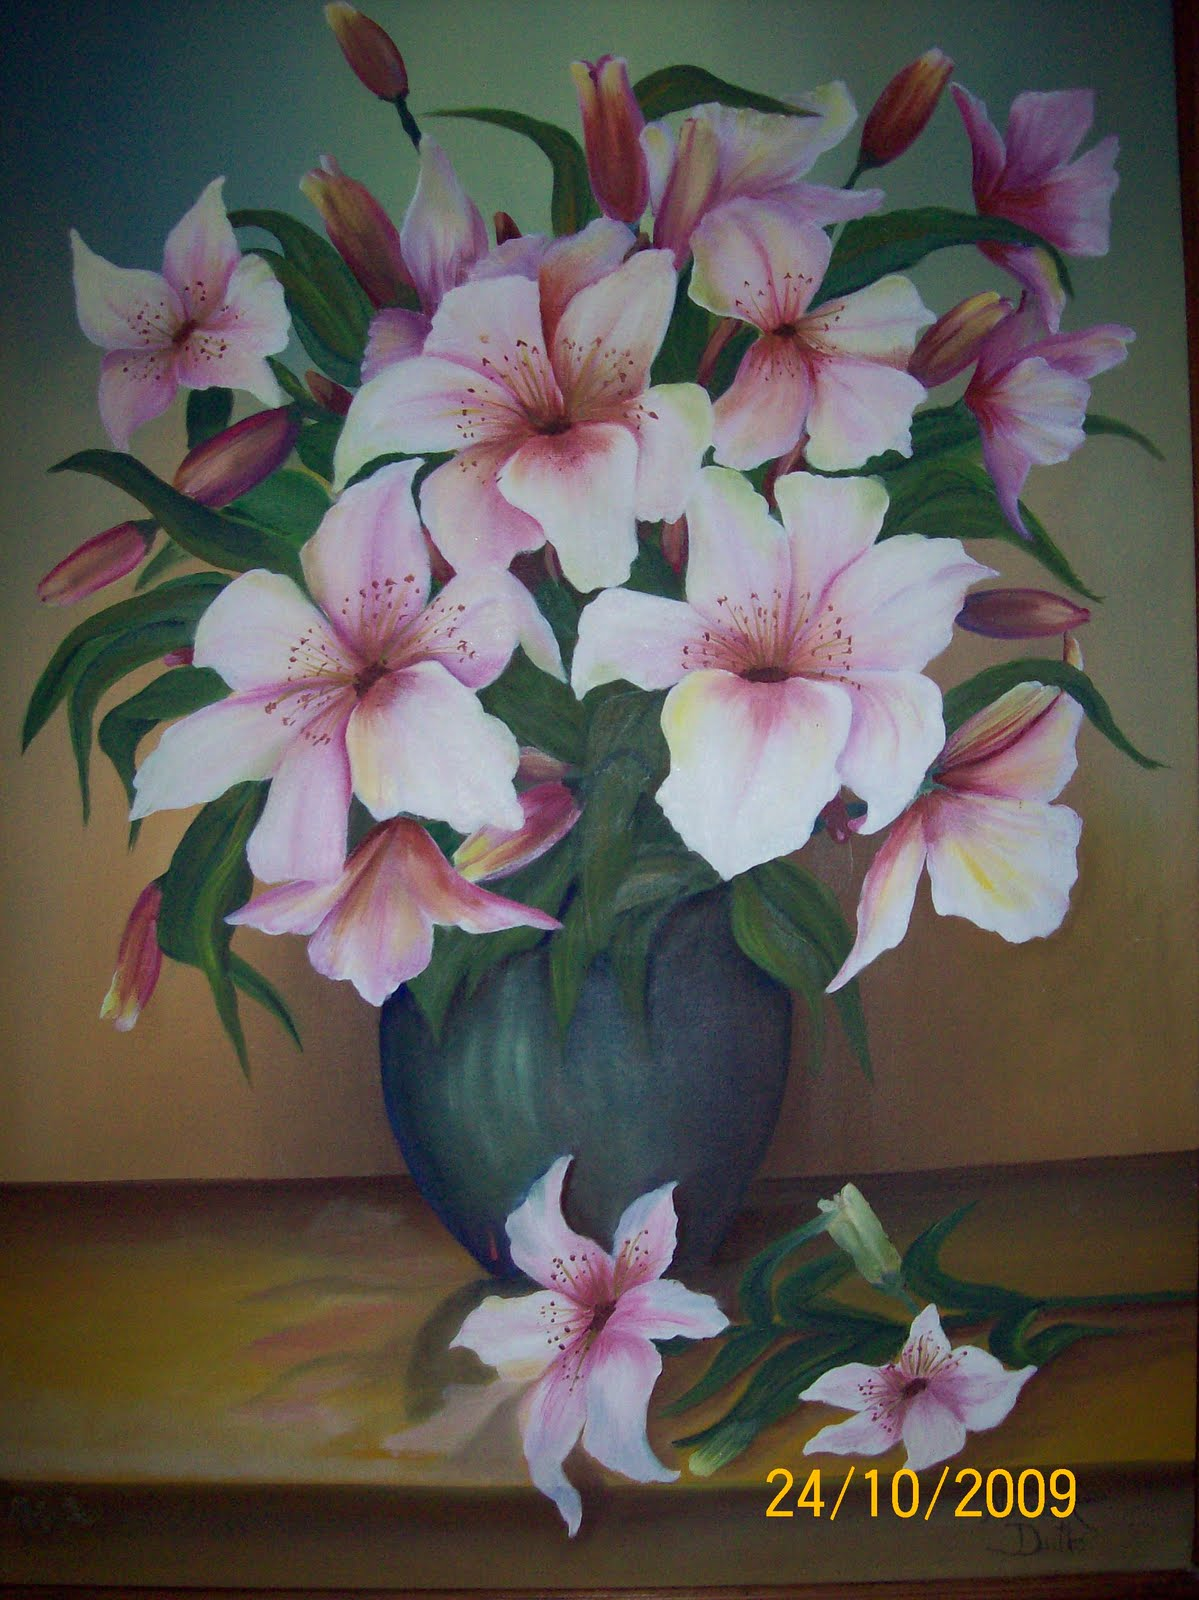 Cuadros oleo pinturas flores china pic modernos genuardis - Floreros modernos ...